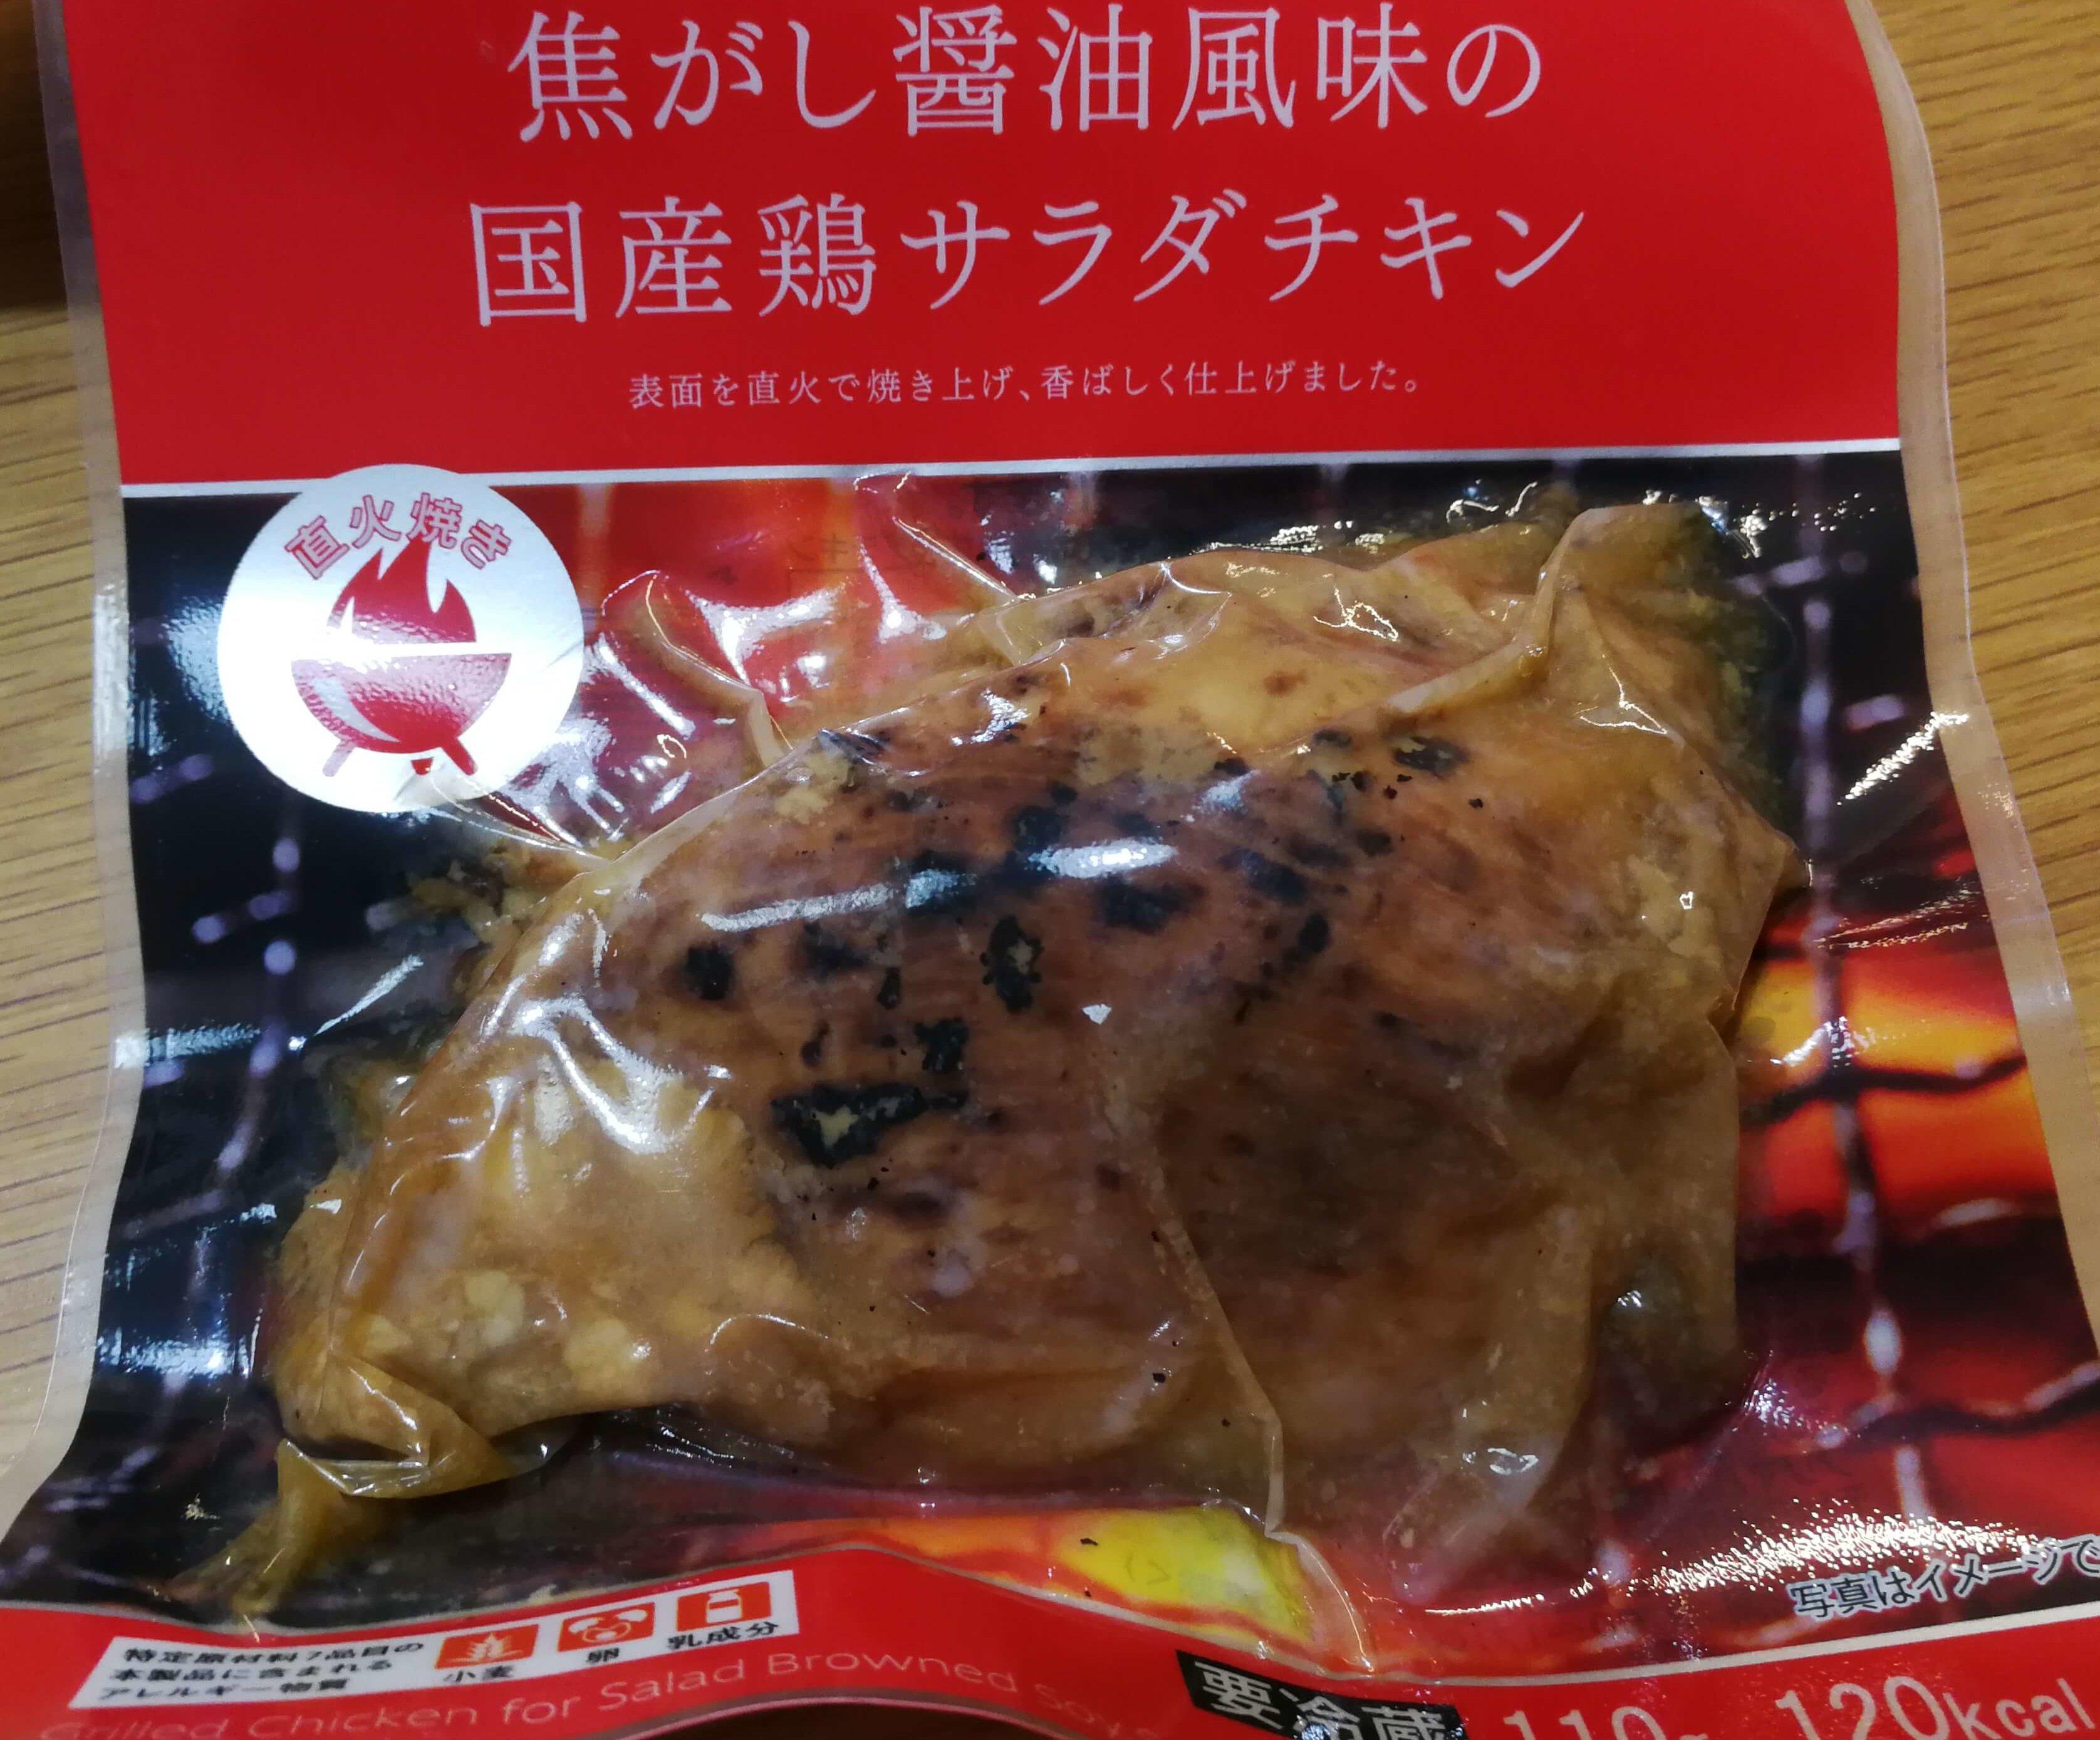 ファミリーマート|焦がし醤油風味の国産鶏サラダチキンの焼き鳥が半端なく美味しい